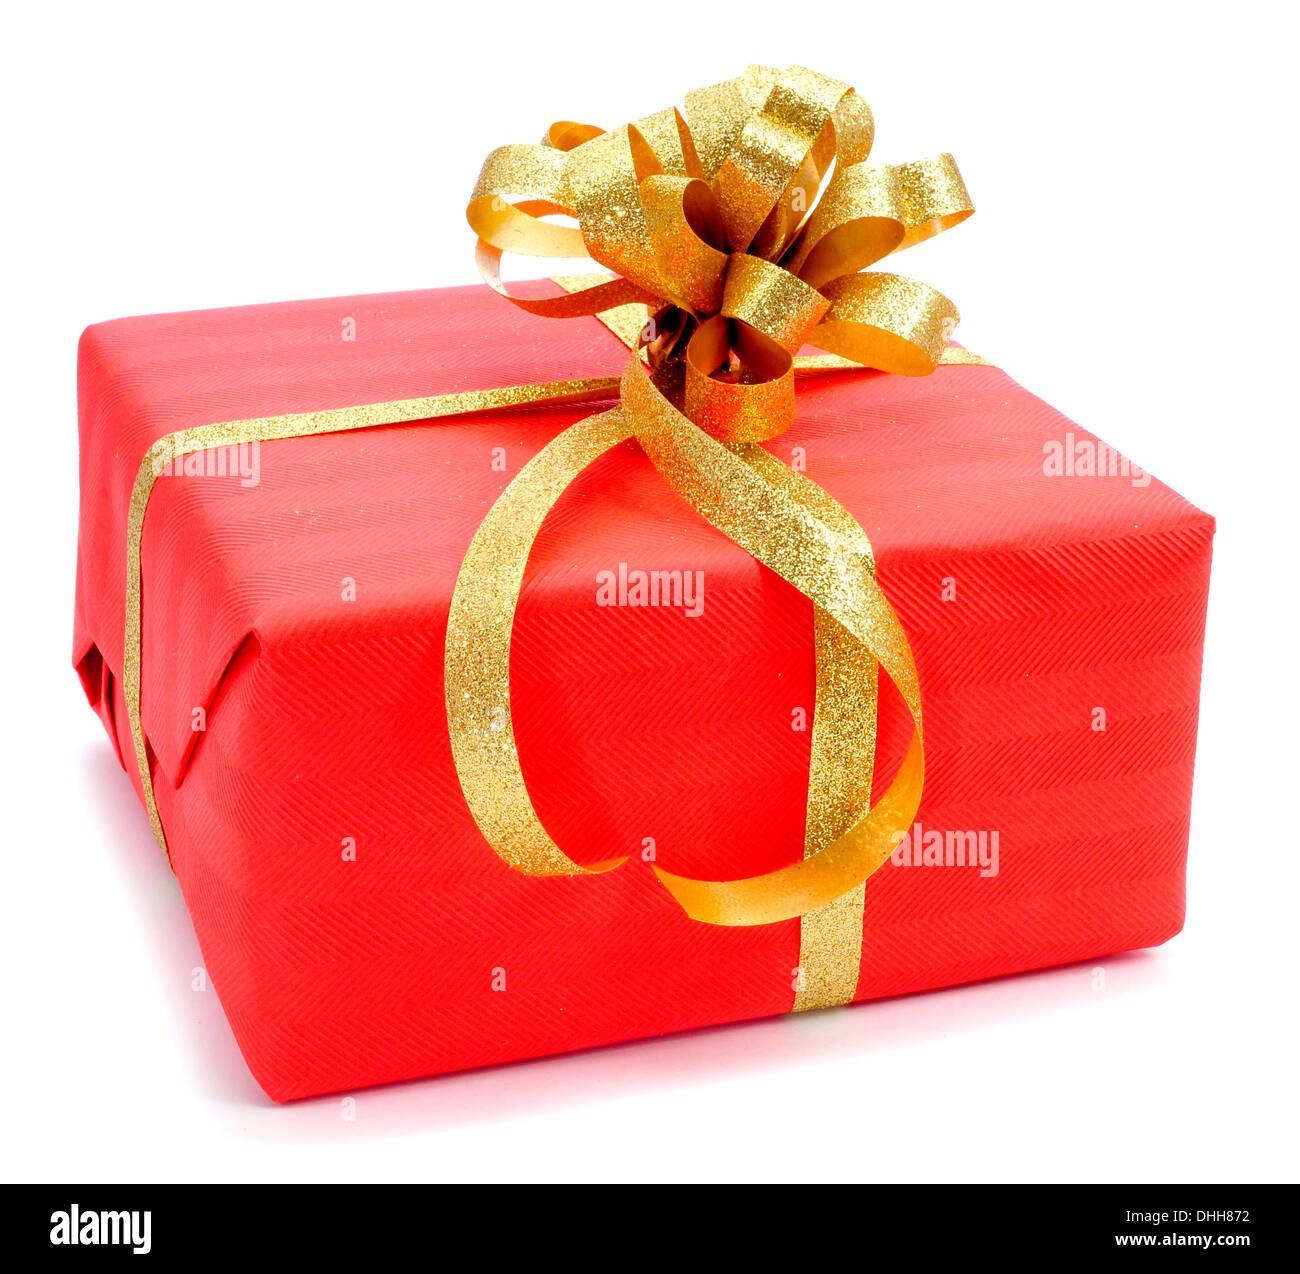 Un regalo envuelto con papel de regalo rojo y con una cinta de oro sobre un fondo blanco. Imagen De Stock